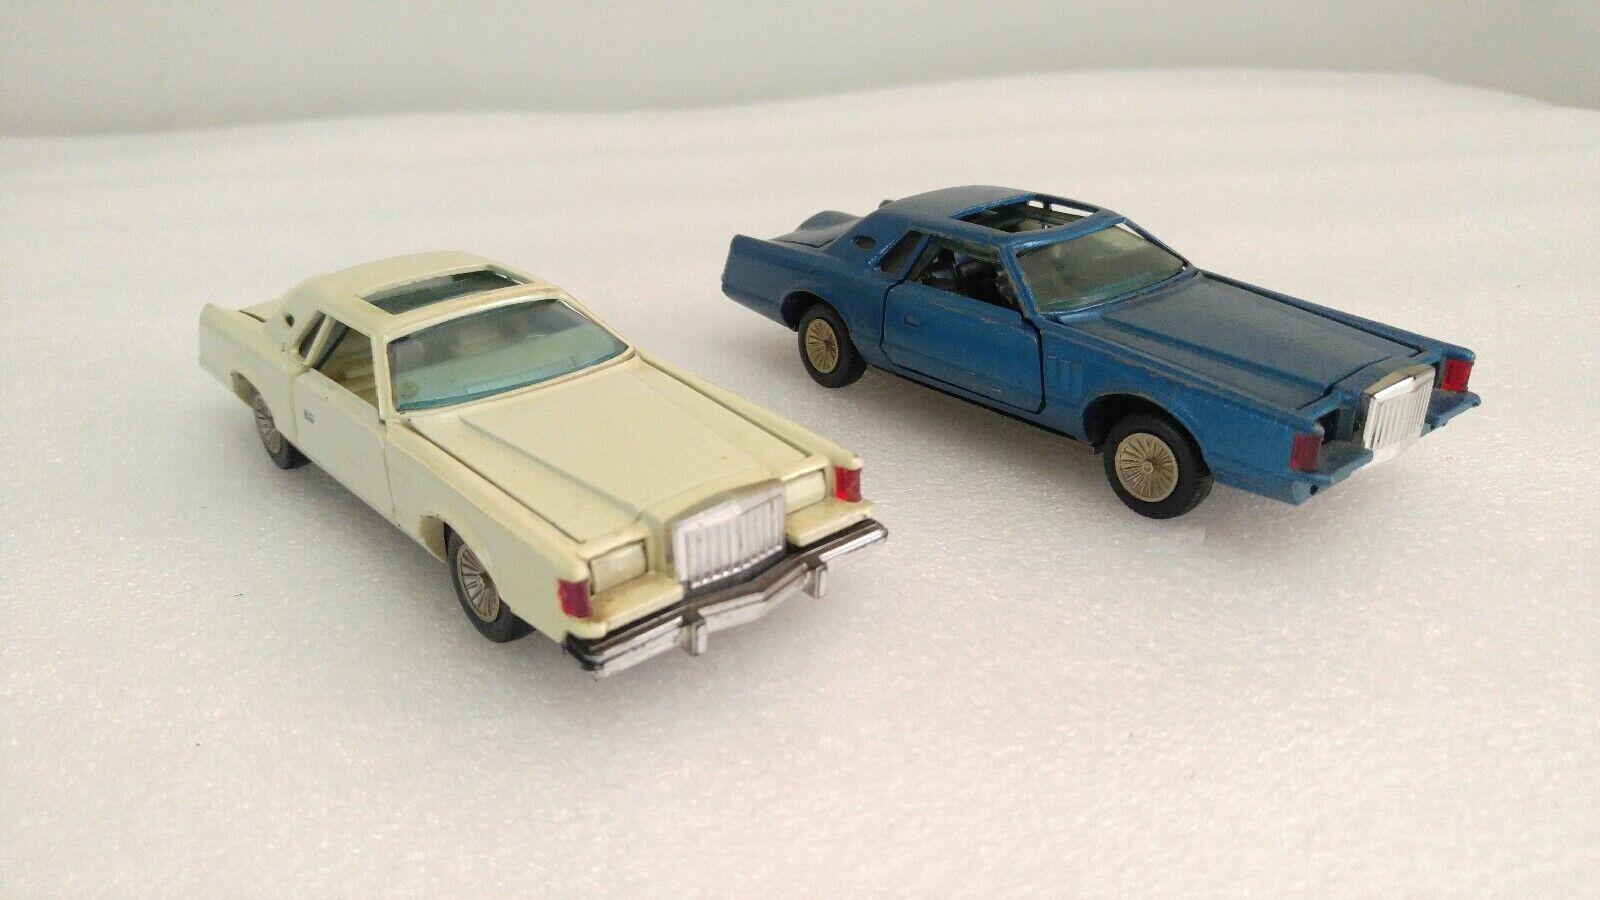 2 Yonezawa Toys Lincoln Continental Vintage Coches de fundición azul blancooo